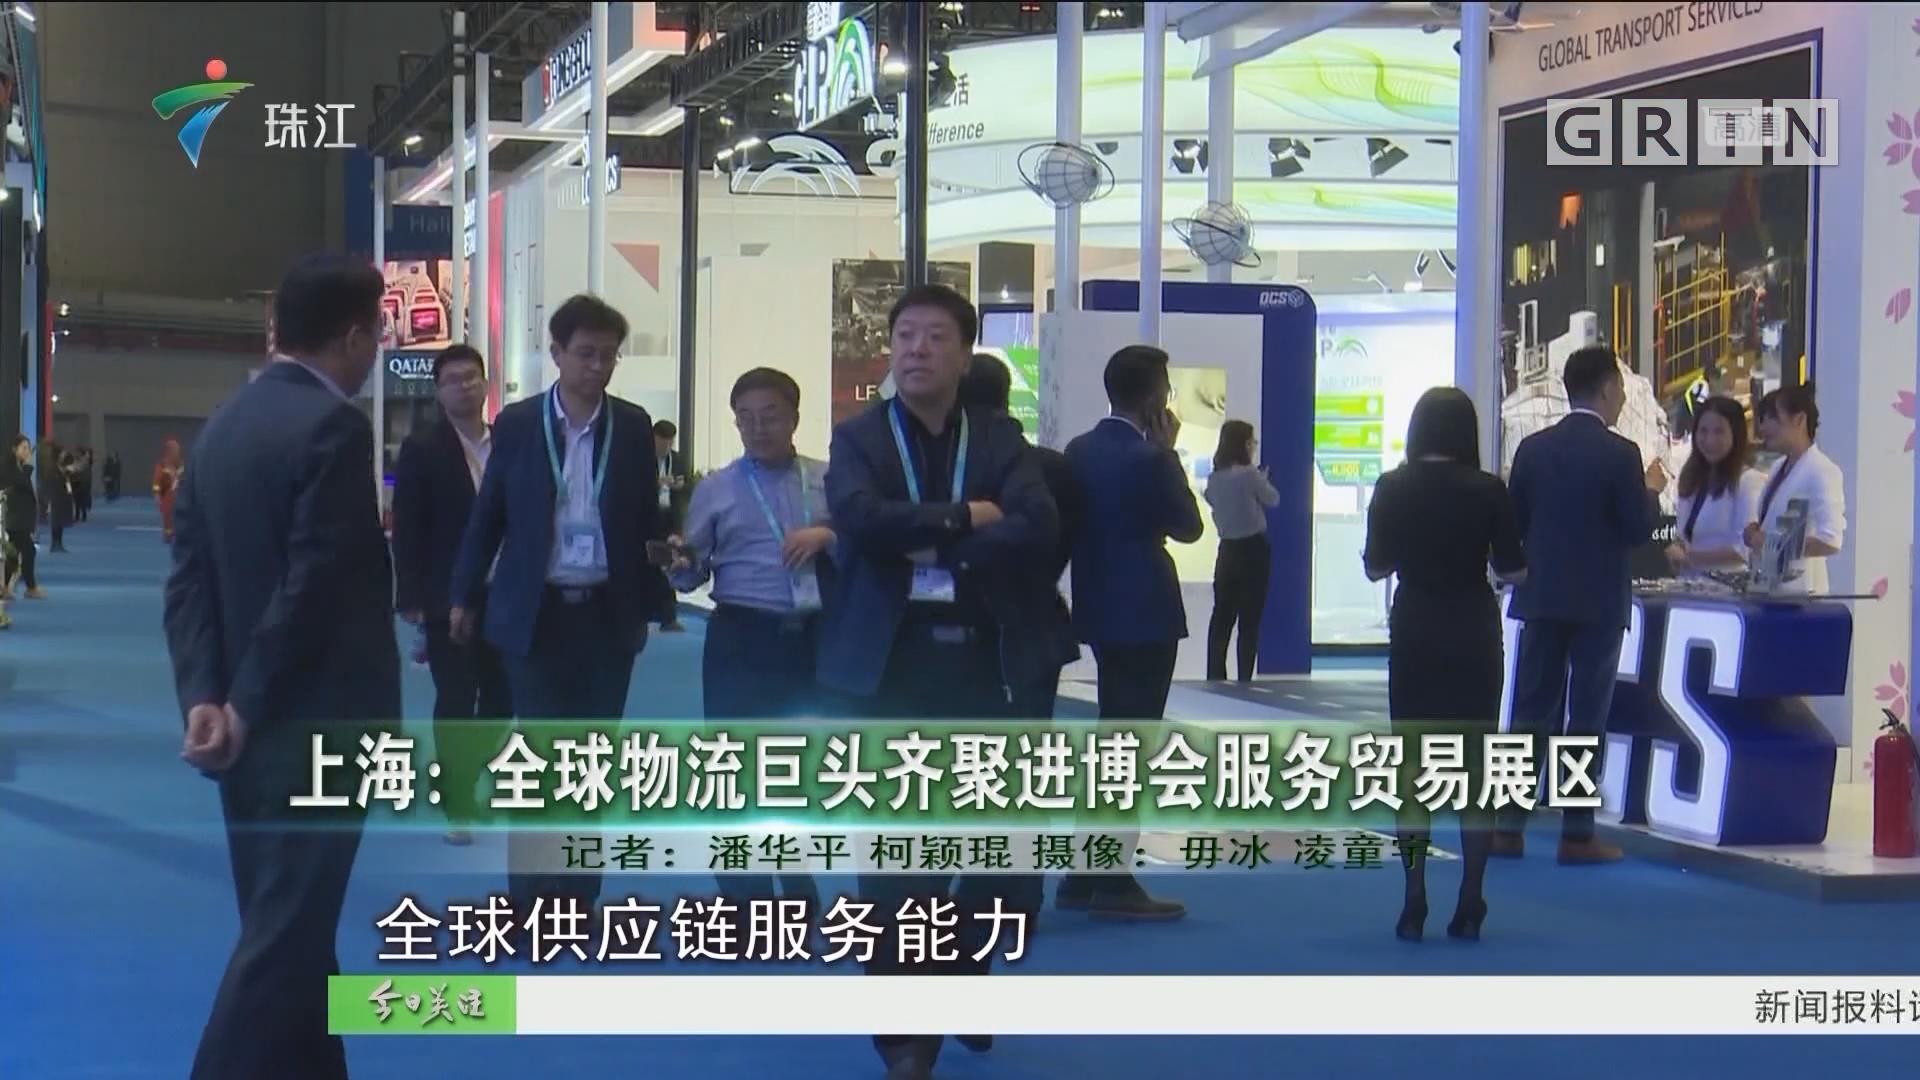 上海:全球物流巨头齐聚进博会服务贸易展区